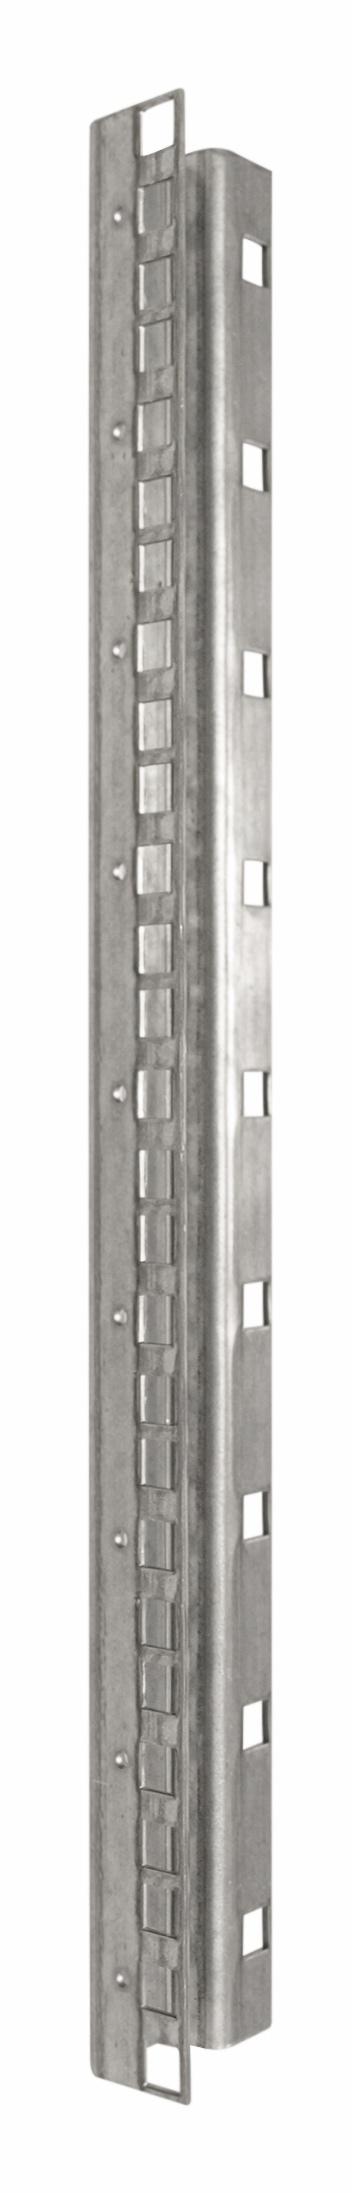 1 Stk 19 Profilschiene 06HE für DW-Schränke DWPROF06--